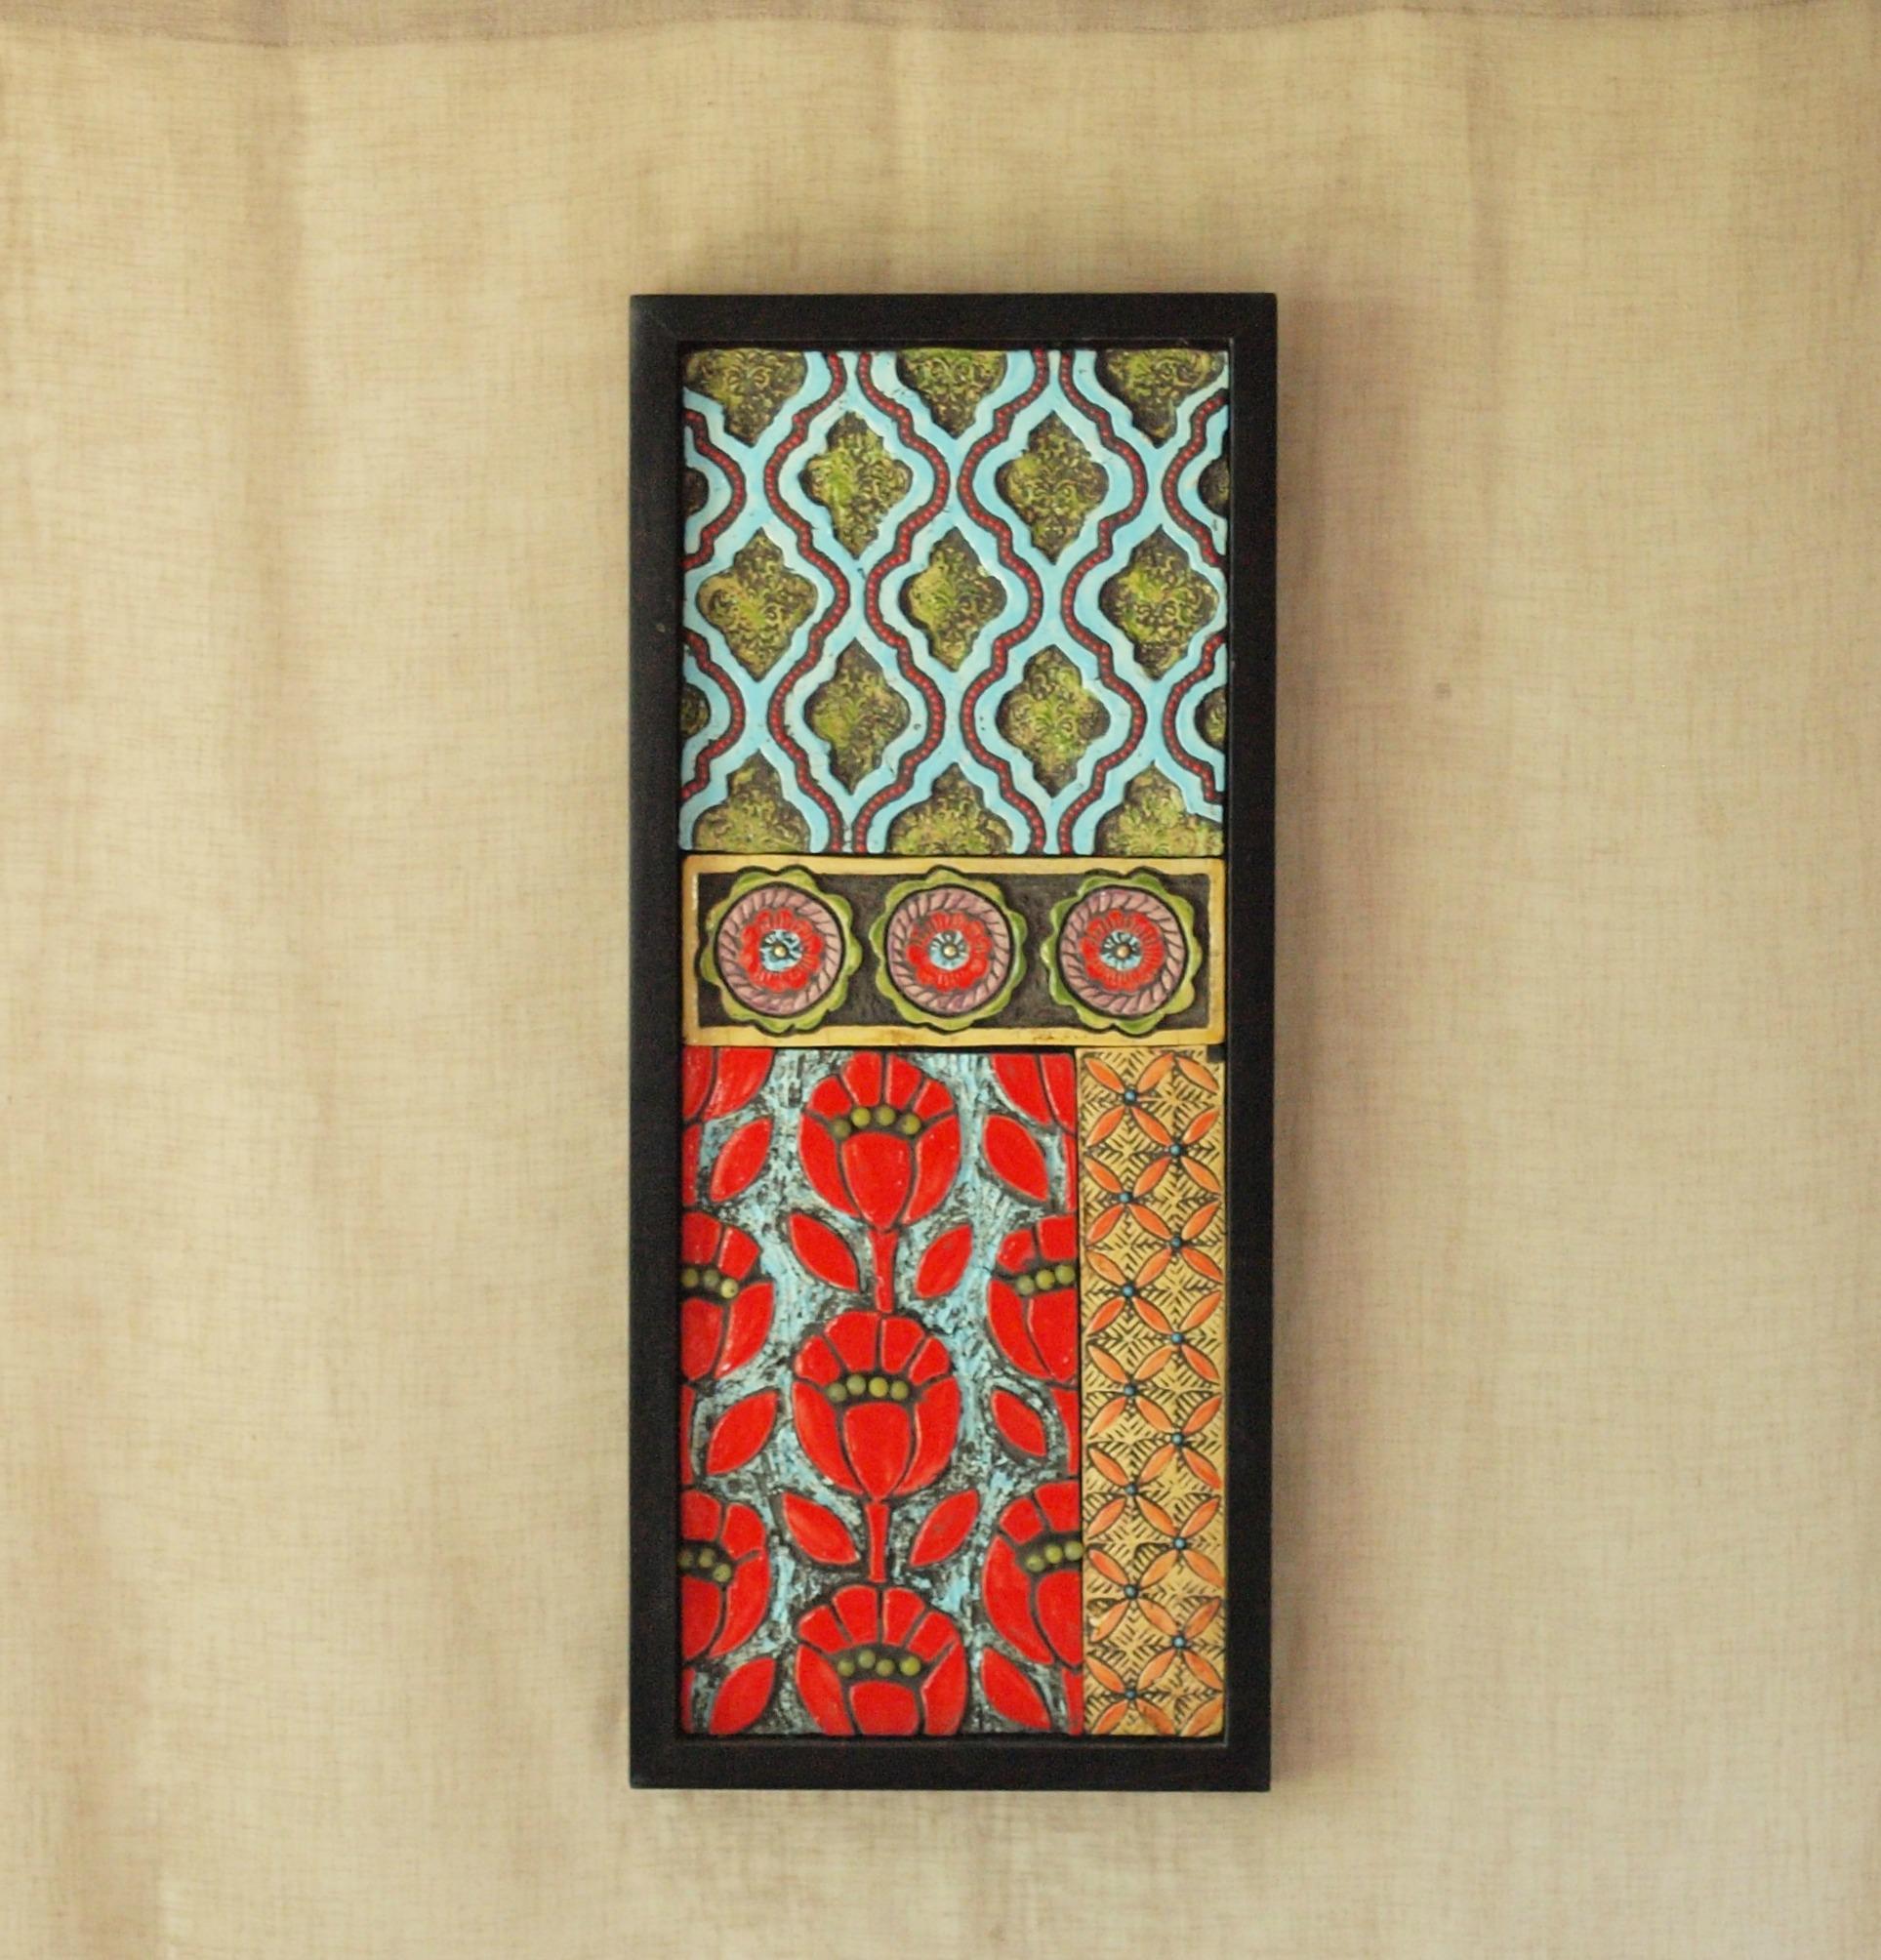 Moroccan Patchwork No. 1